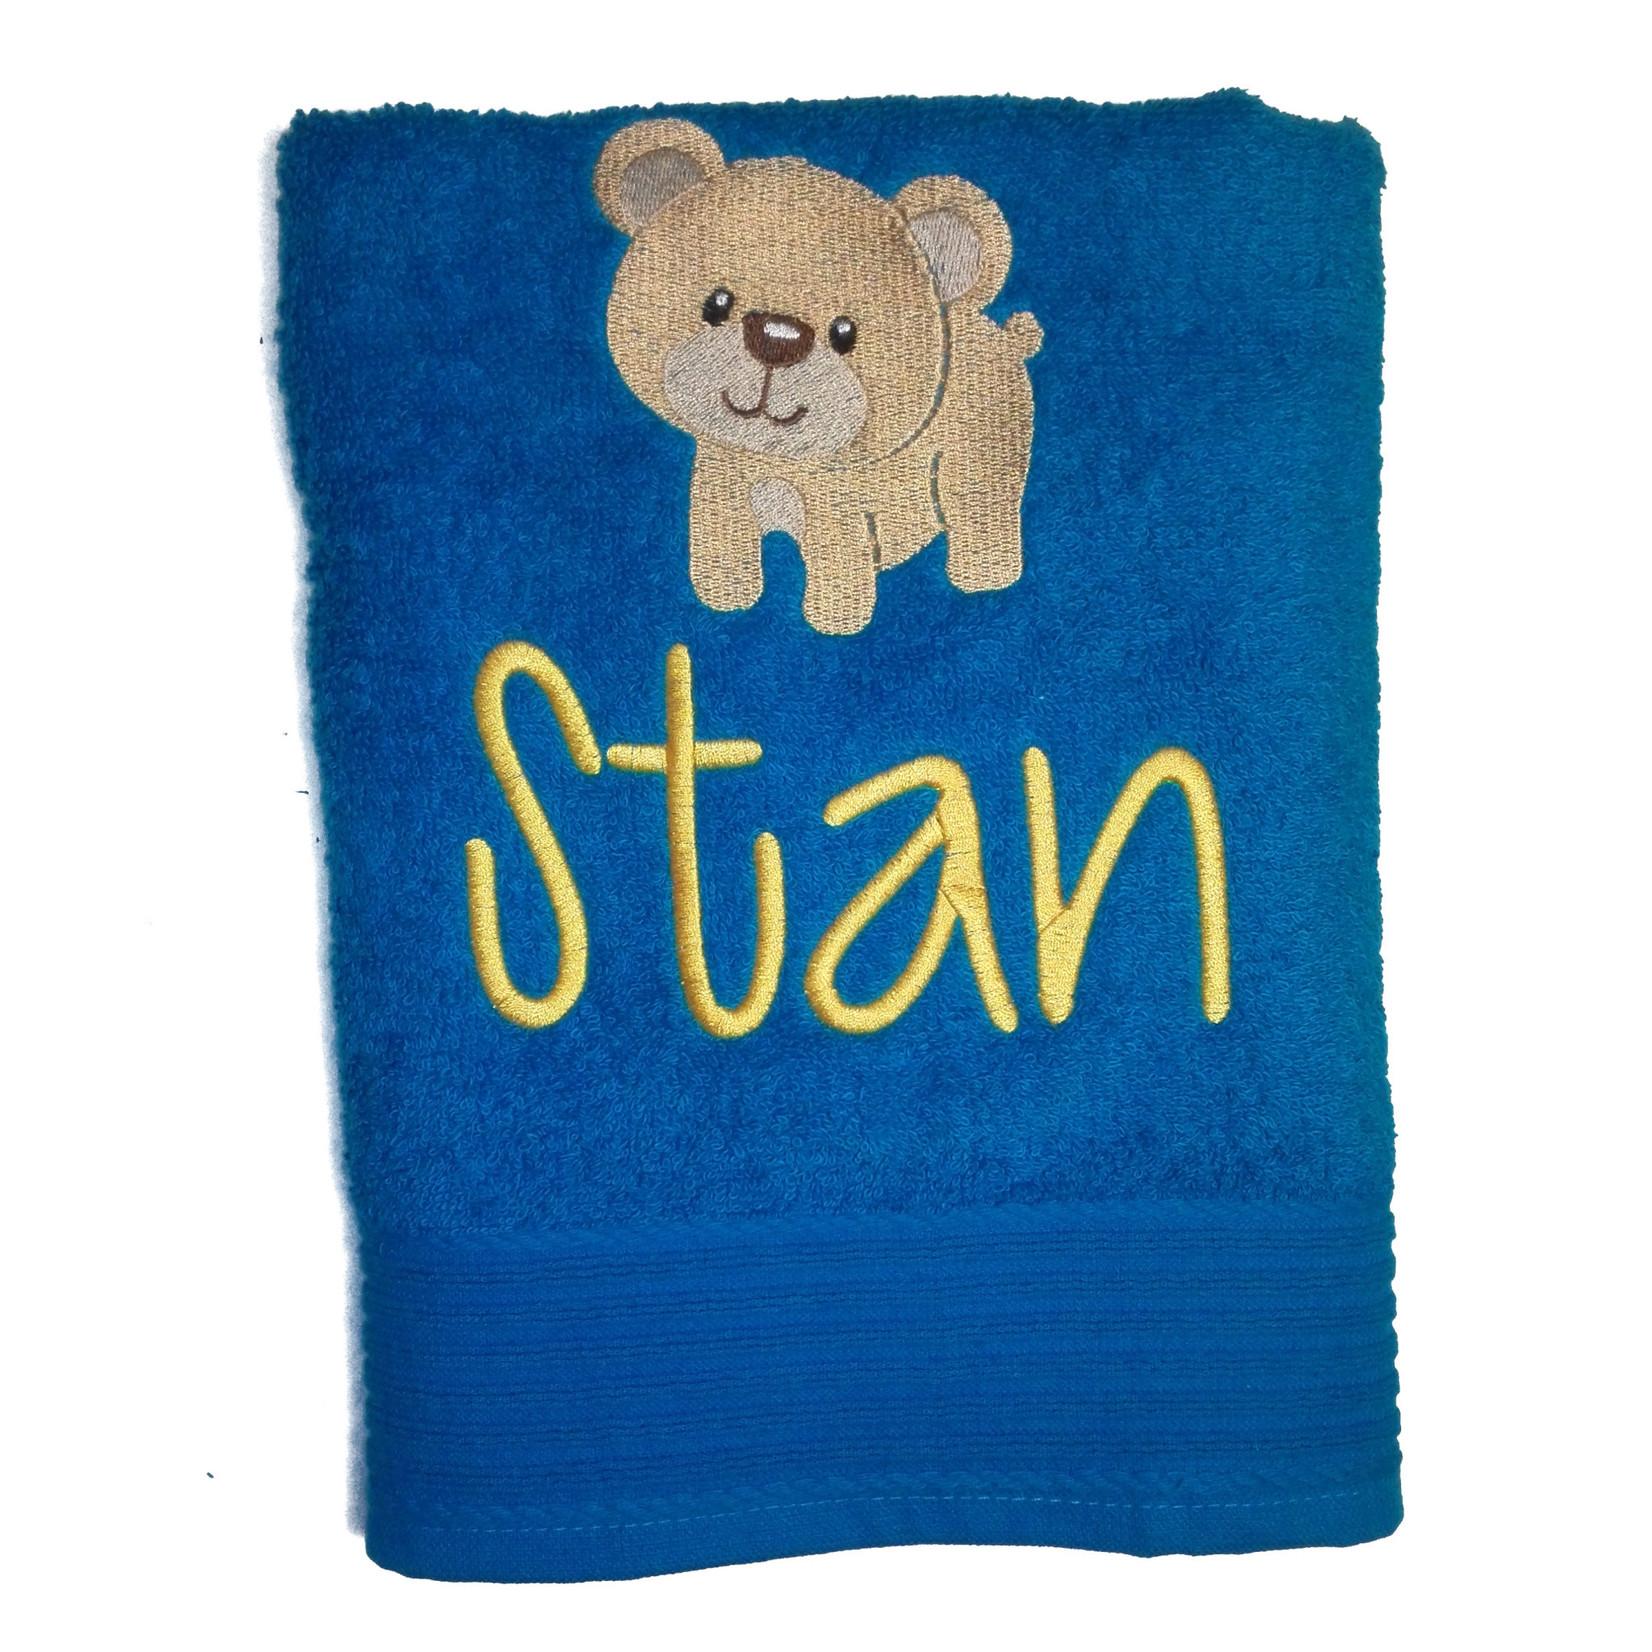 The One towelling Handdoek met geborduurde naam en figuurtje